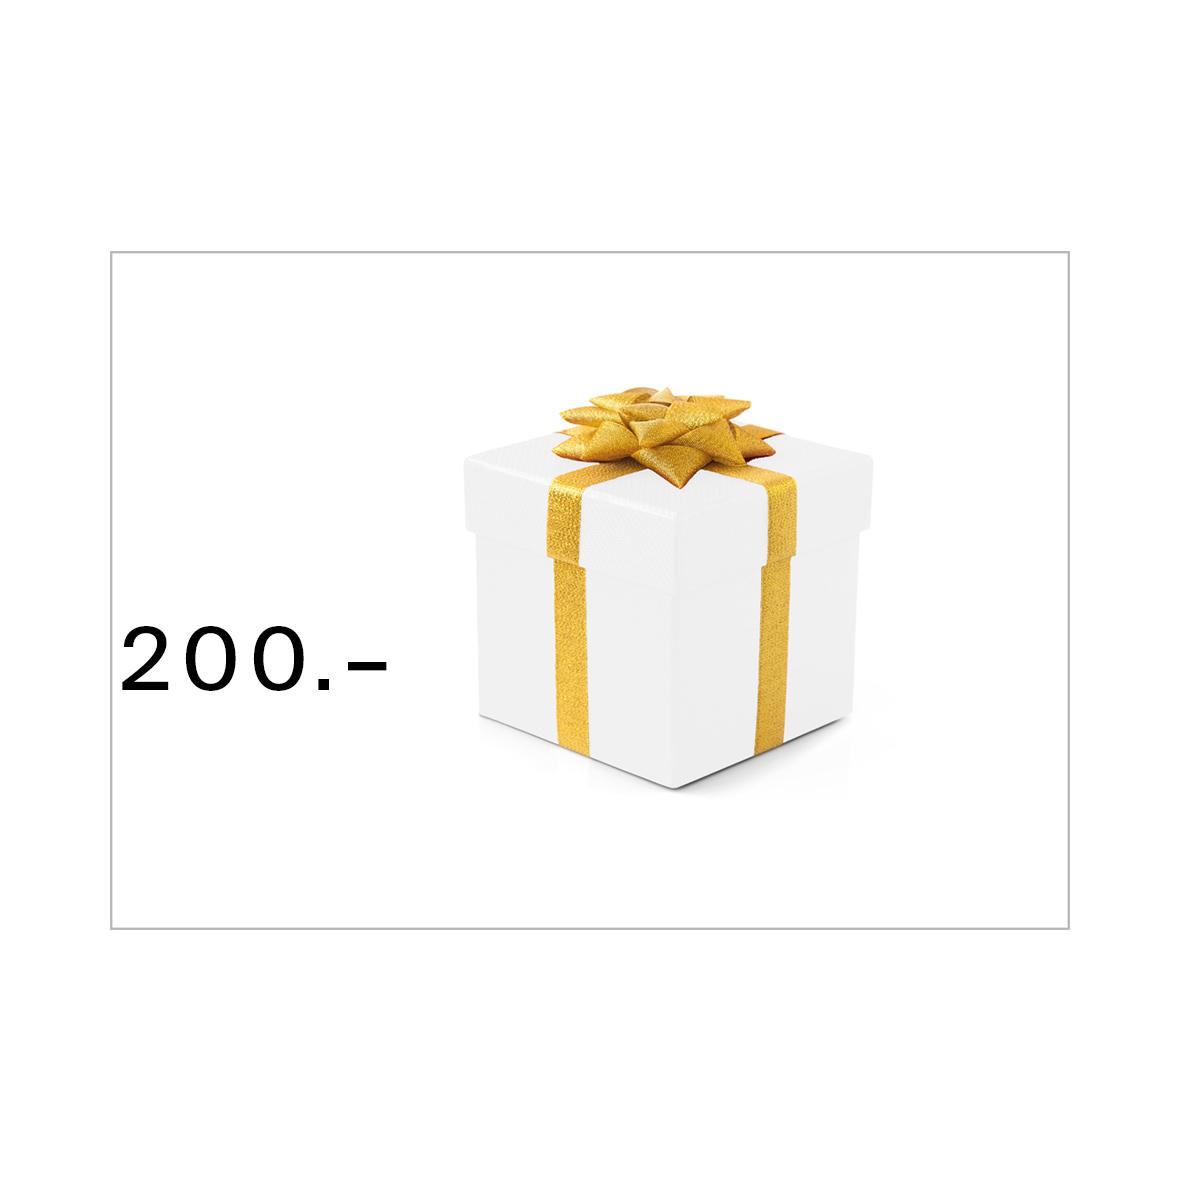 geschenkgutschein bestswiss chf 200.–